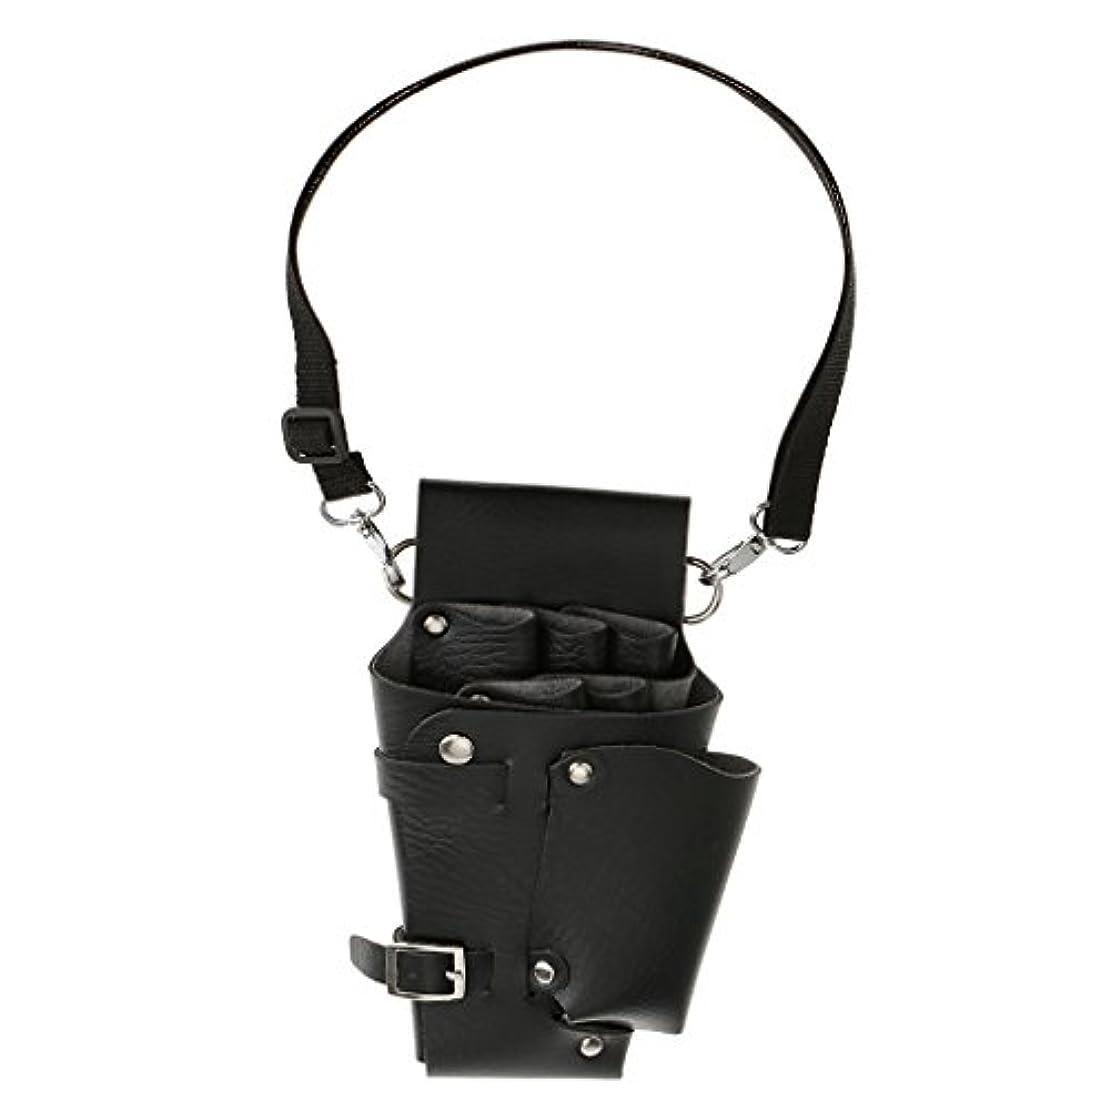 自発的上回る救出Perfk 多機能 PU製 はさみ袋 櫛 クリップ 便利グッズ 腰間タイプ 収納バッグ 理髪屋 ホルスター